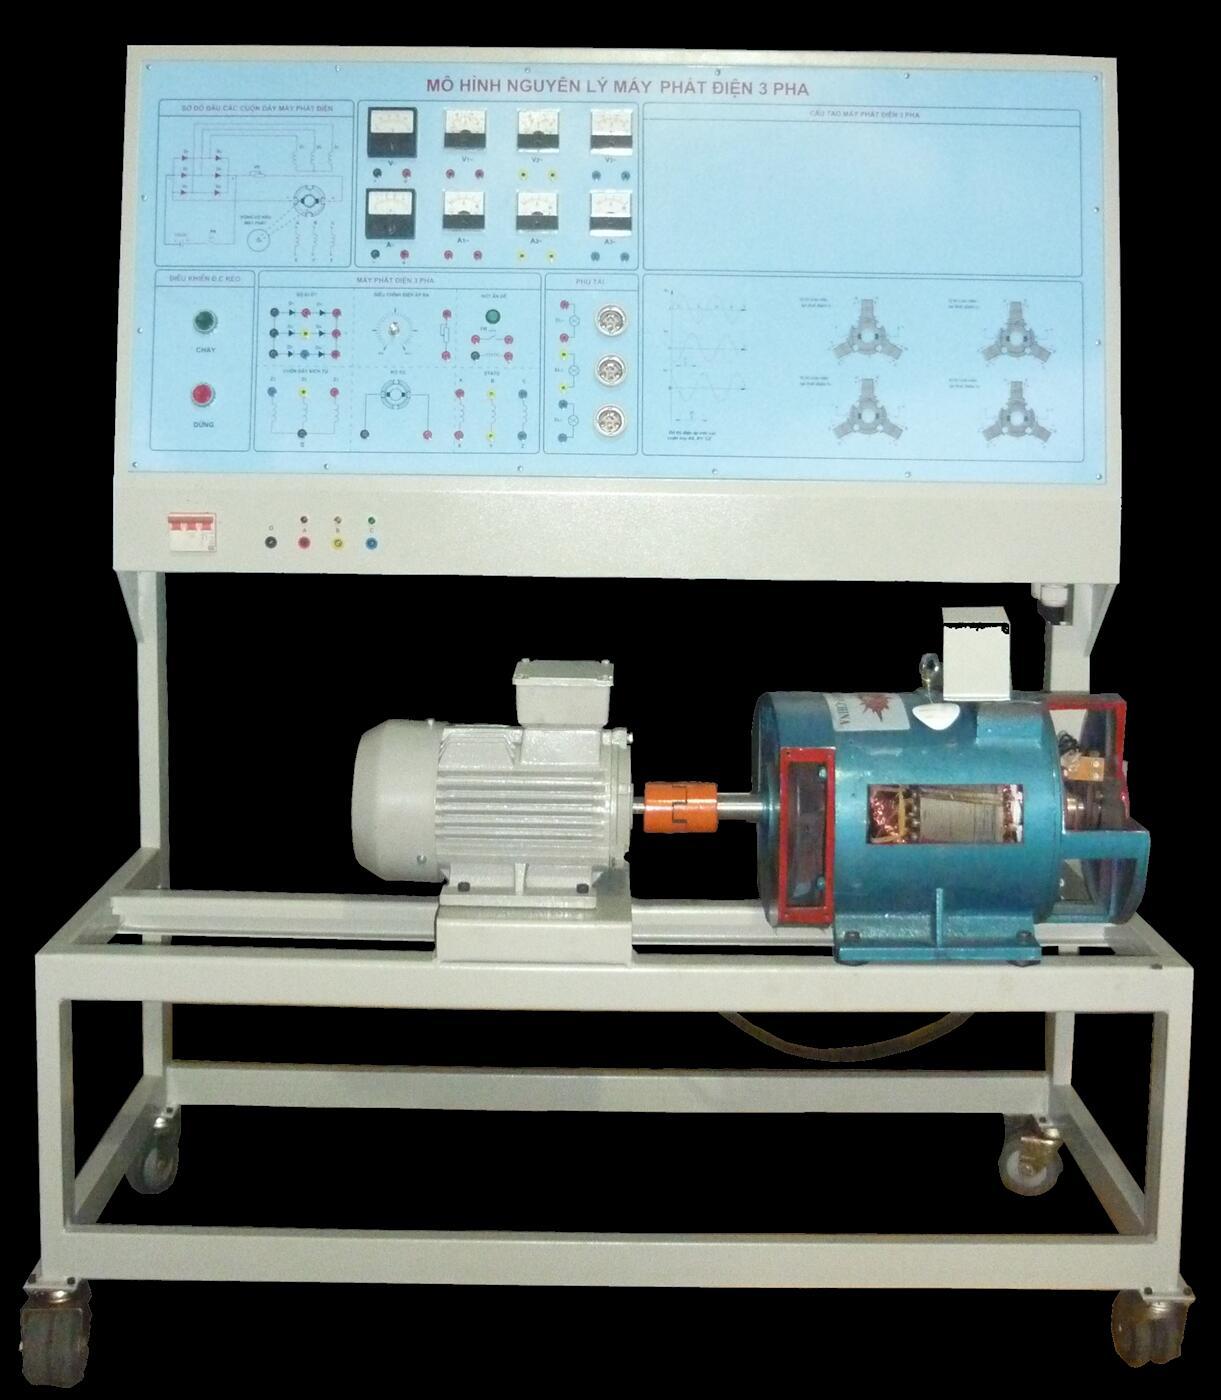 Bàn thí nghiệm mạch điện xoay chiều 3 pha